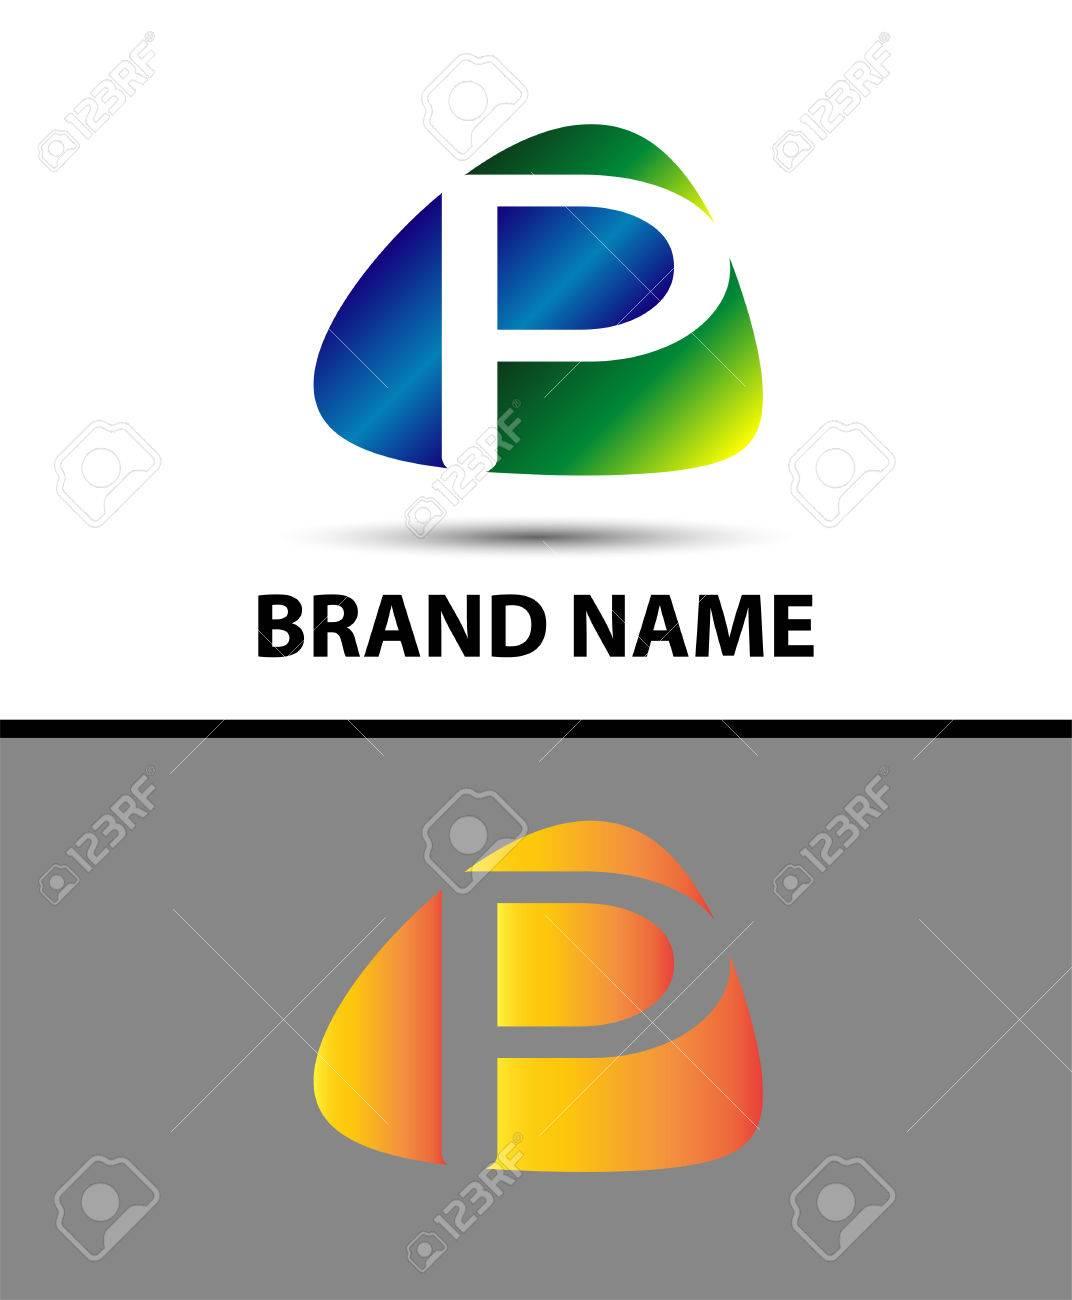 Estratto lettera p logo clipart royalty free vettori e illustrator archivio fotografico estratto lettera p logo altavistaventures Gallery